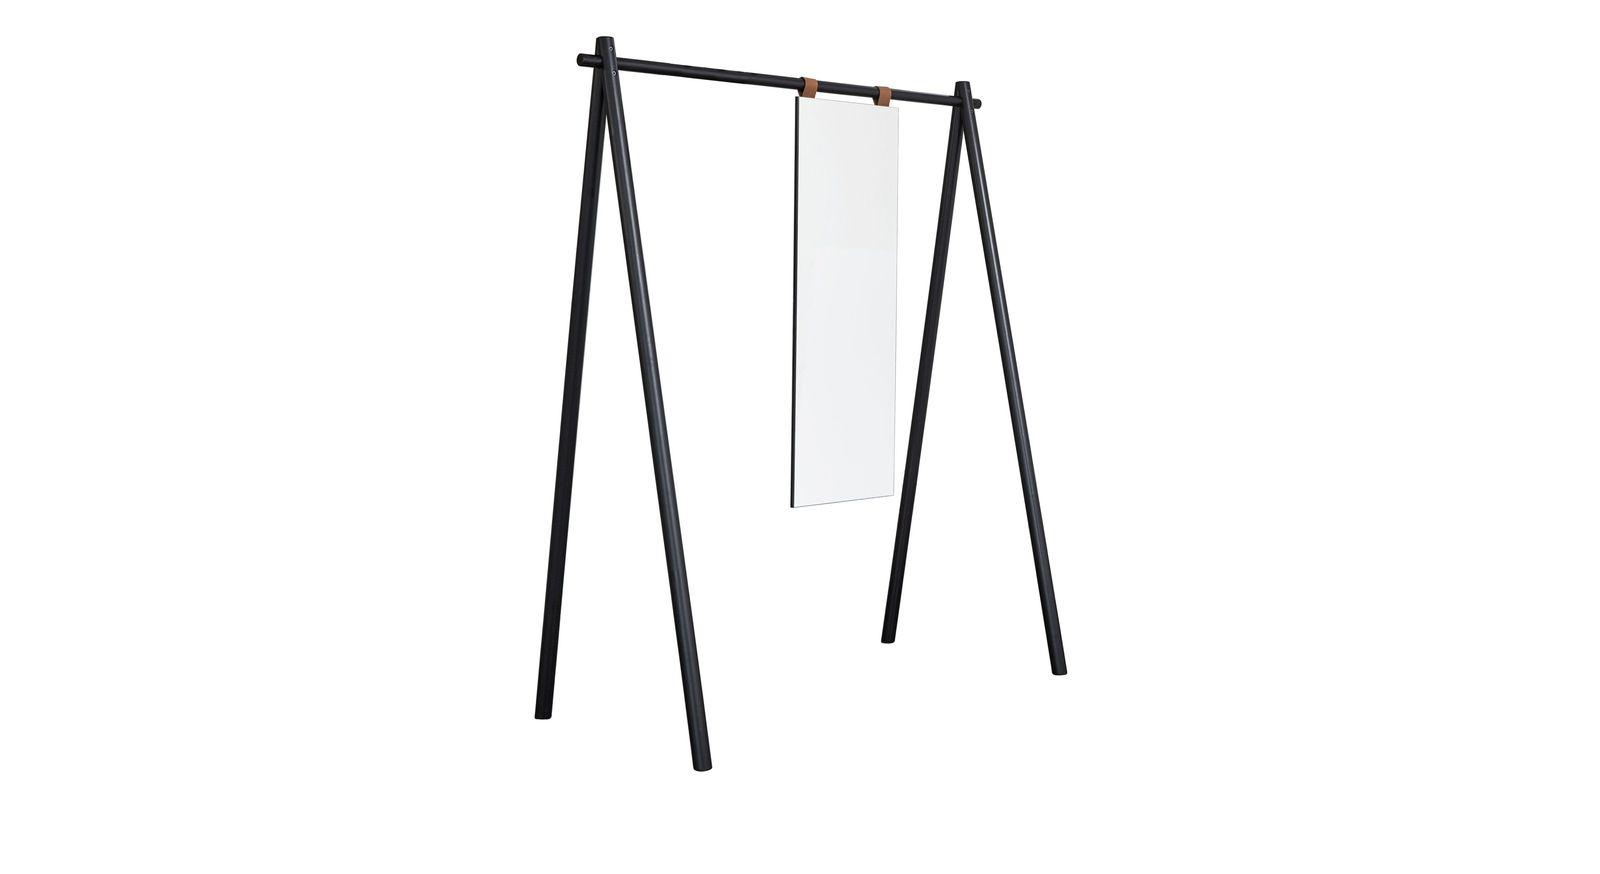 Garderobe Toffia aus Echtholz mit hohem Spiegel